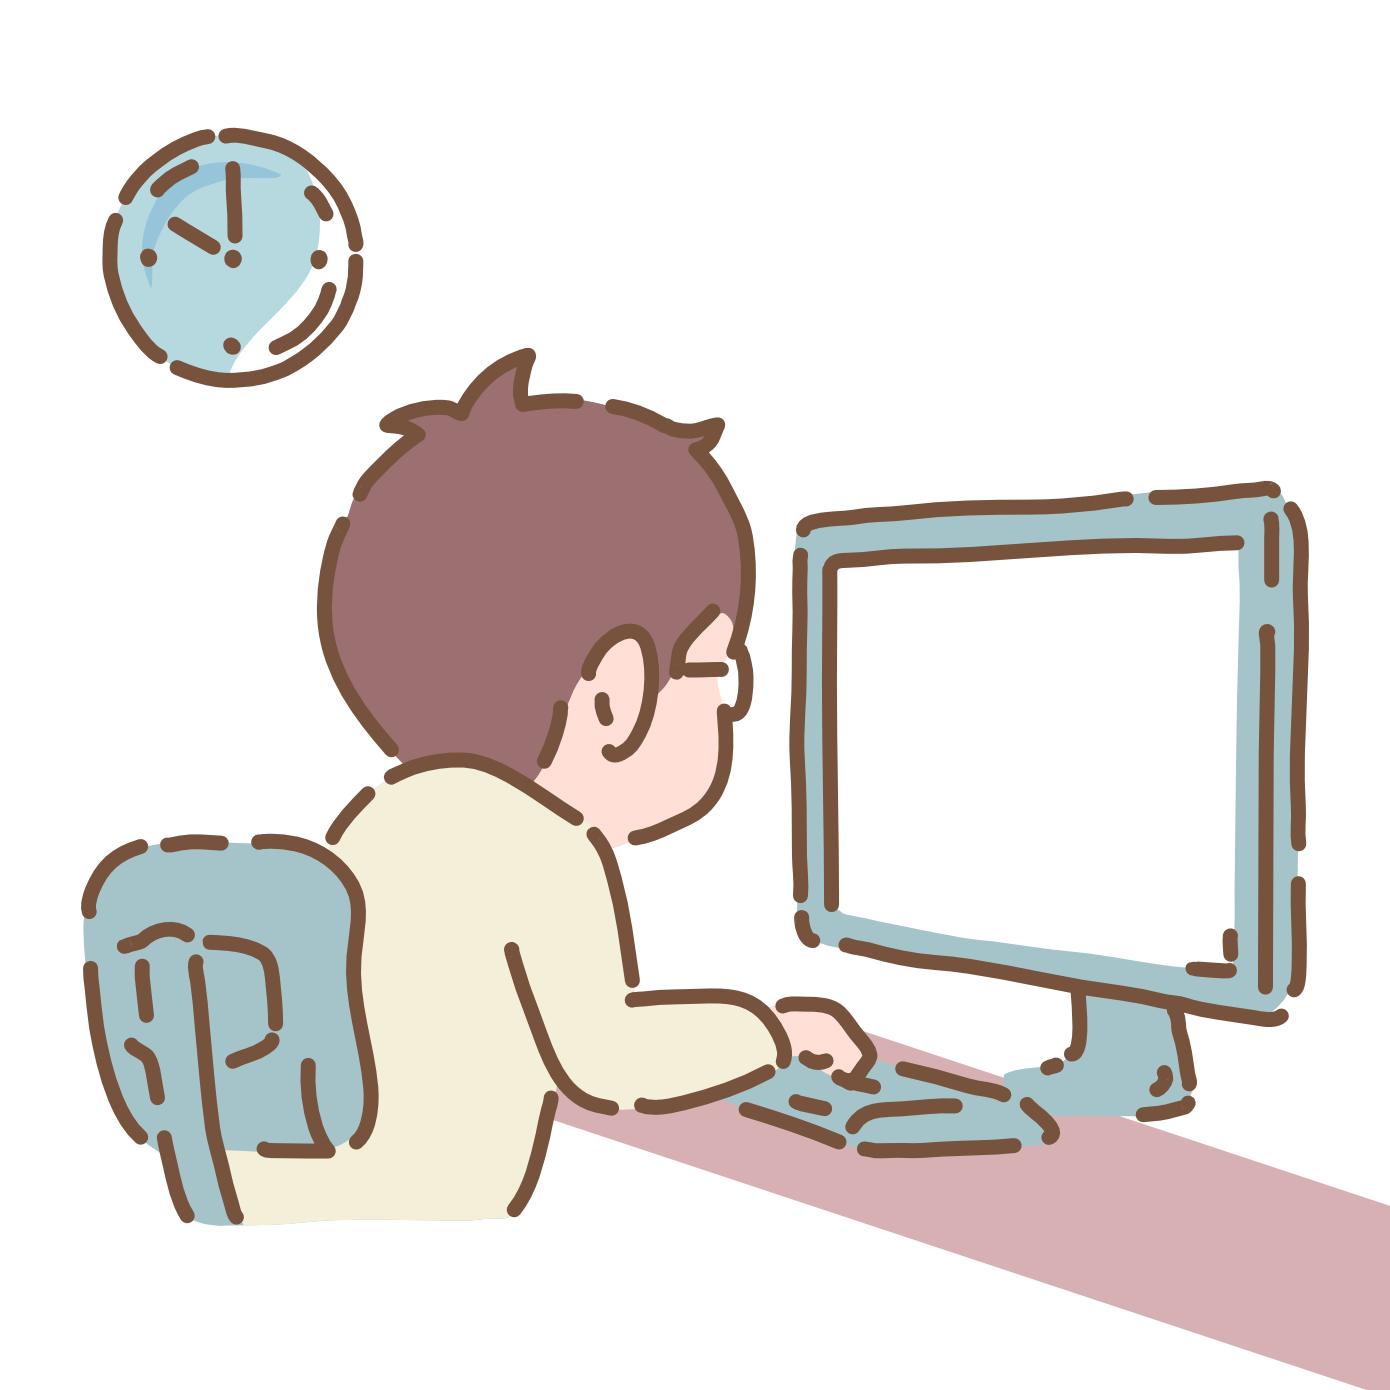 平均セッション継続時間を長くする4つの方法【目安もお伝えします】